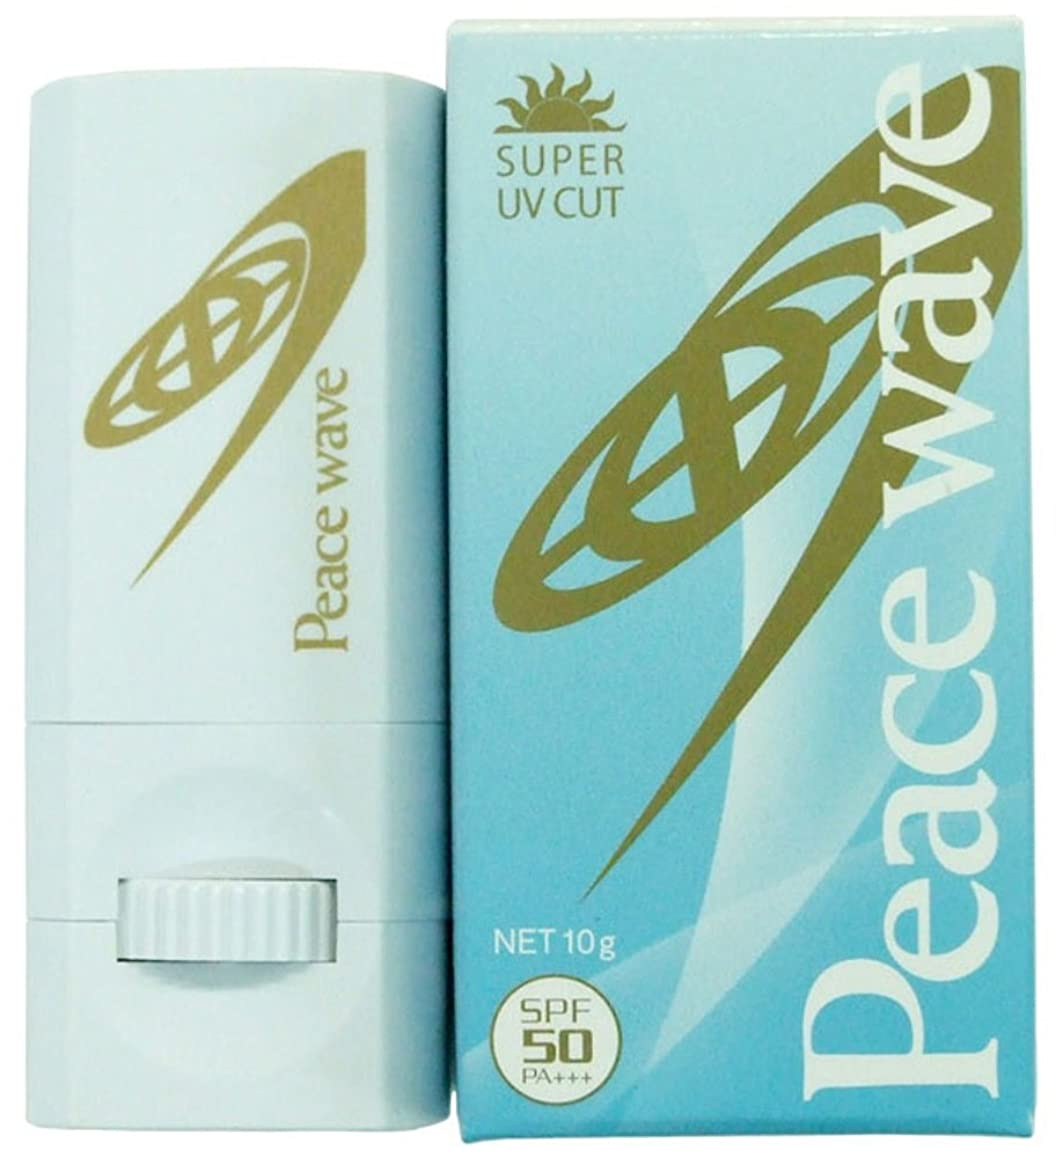 良いゲージ家禽PEACE WAVE 日焼け止め UVフェイススティック SPF50 PA+++ クリア 10g 580267